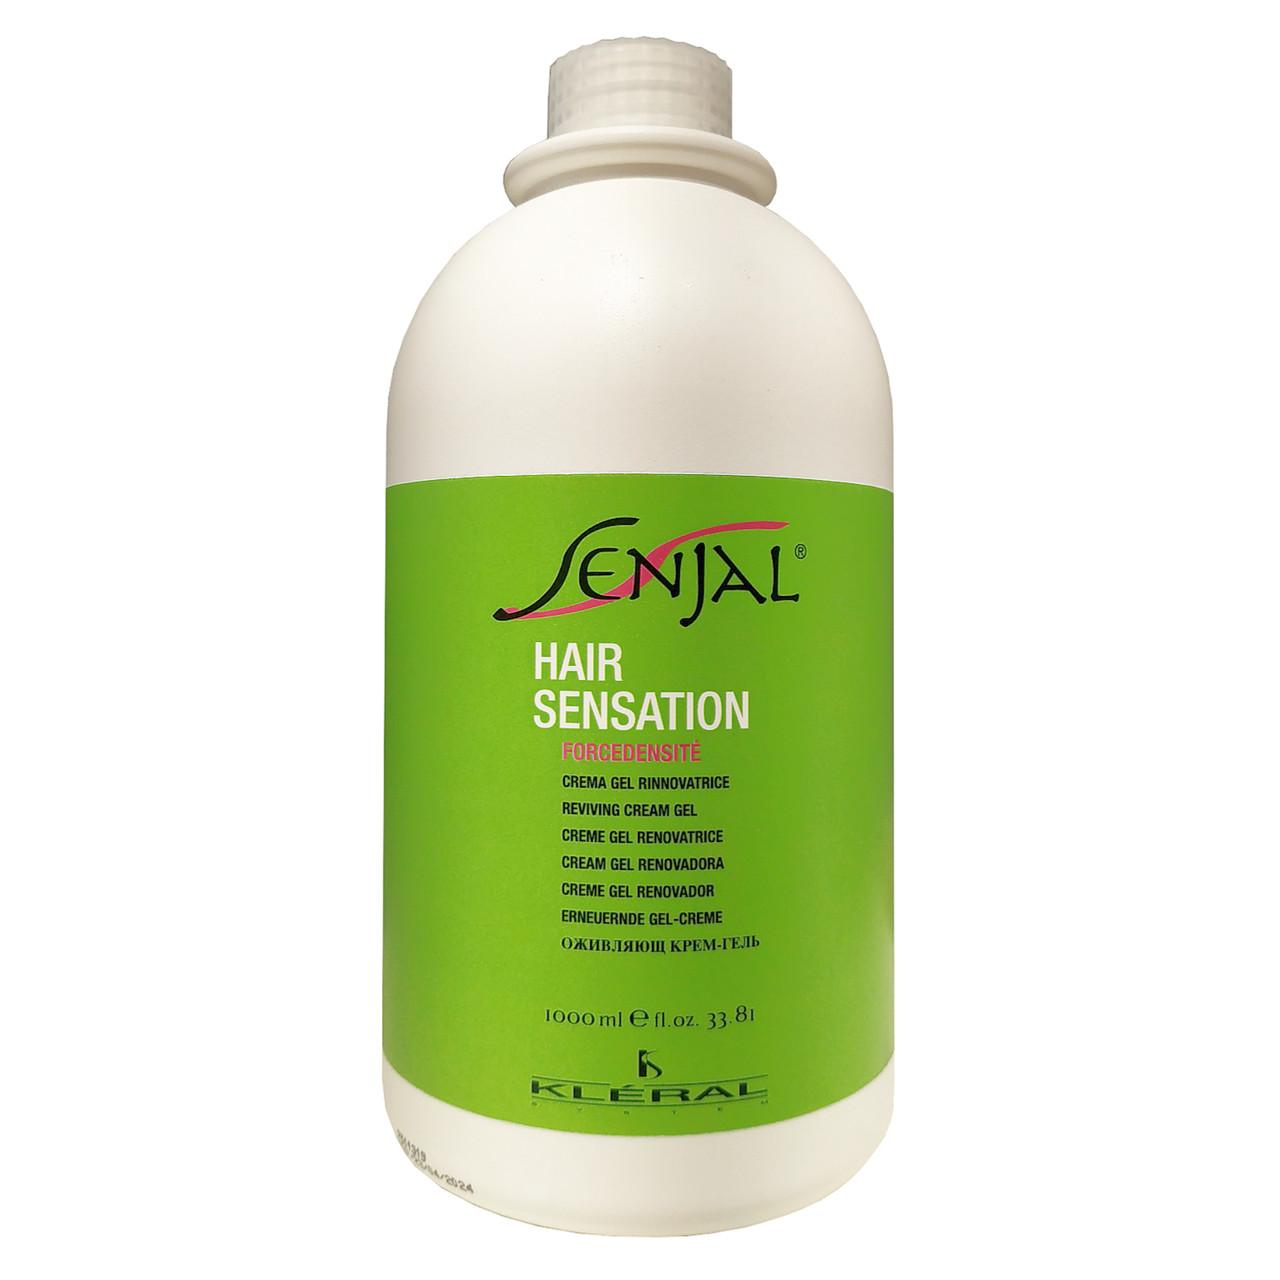 Маска для восстановления волос Kleral System Senjal Reviving Cream Gel 1000 мл